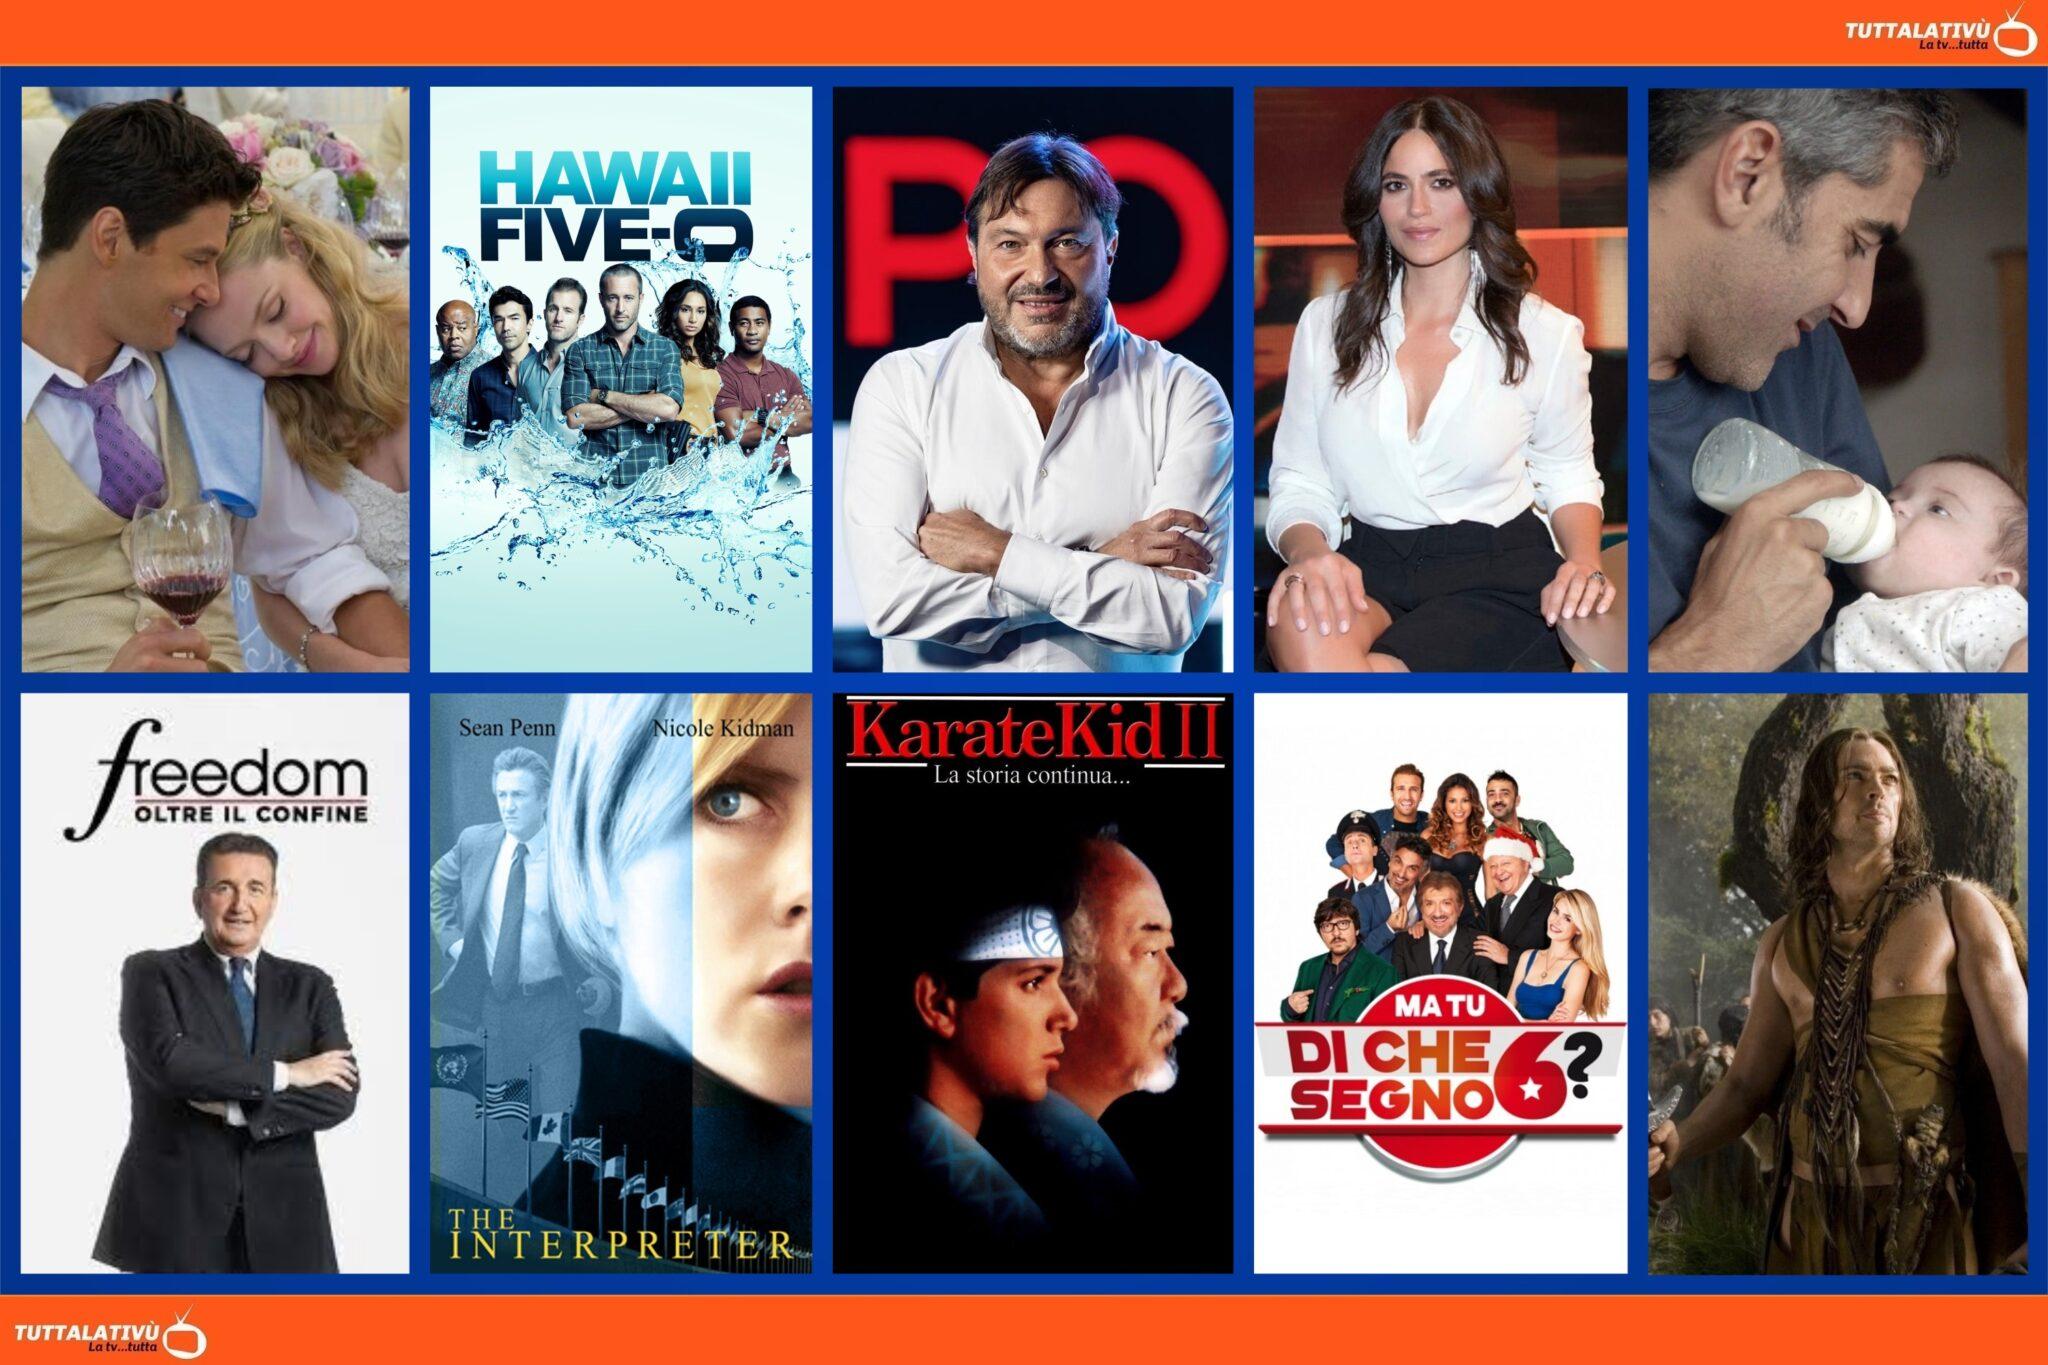 GuidaTV 23 Agosto 2021: Imparare ad amarti, Big Wedding, la serie tv Hawaii 5O, Report, Controcorrente, Freedom, The Interpreter, Pathfinder (su Rai4)